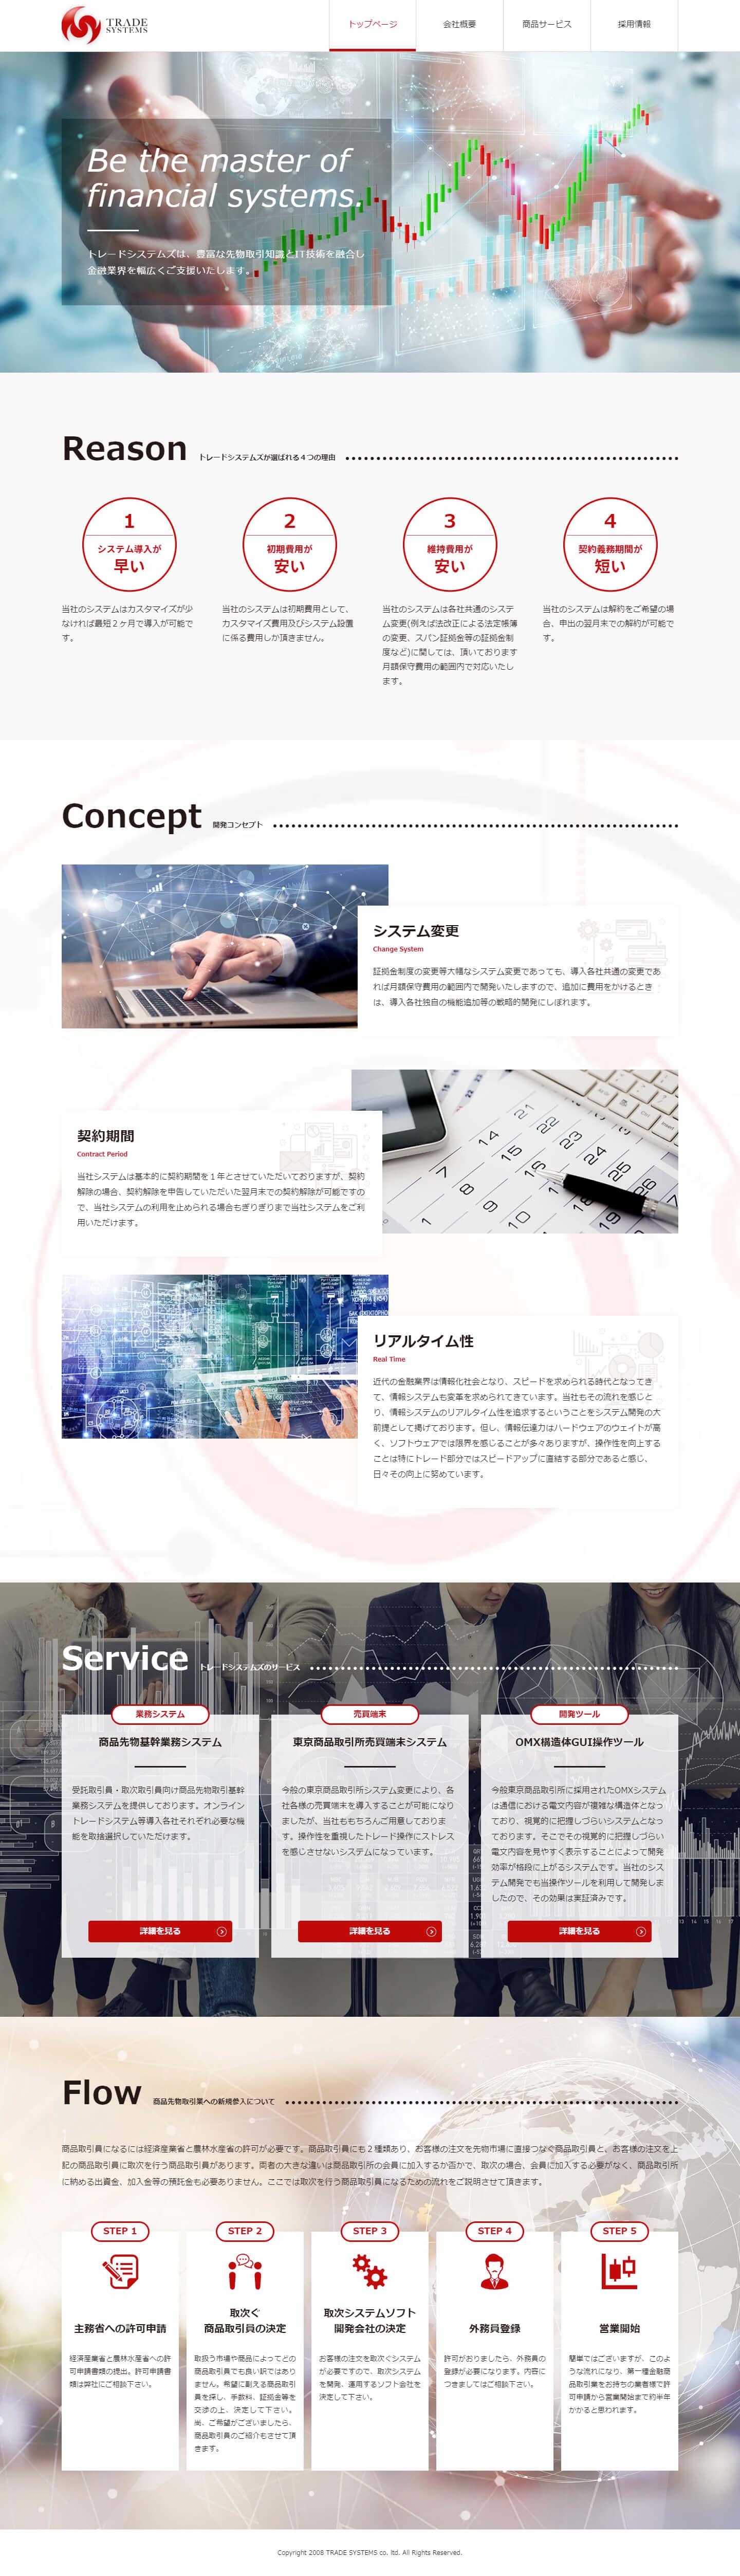 トレードシステムズ株式会社 コーポレートサイト